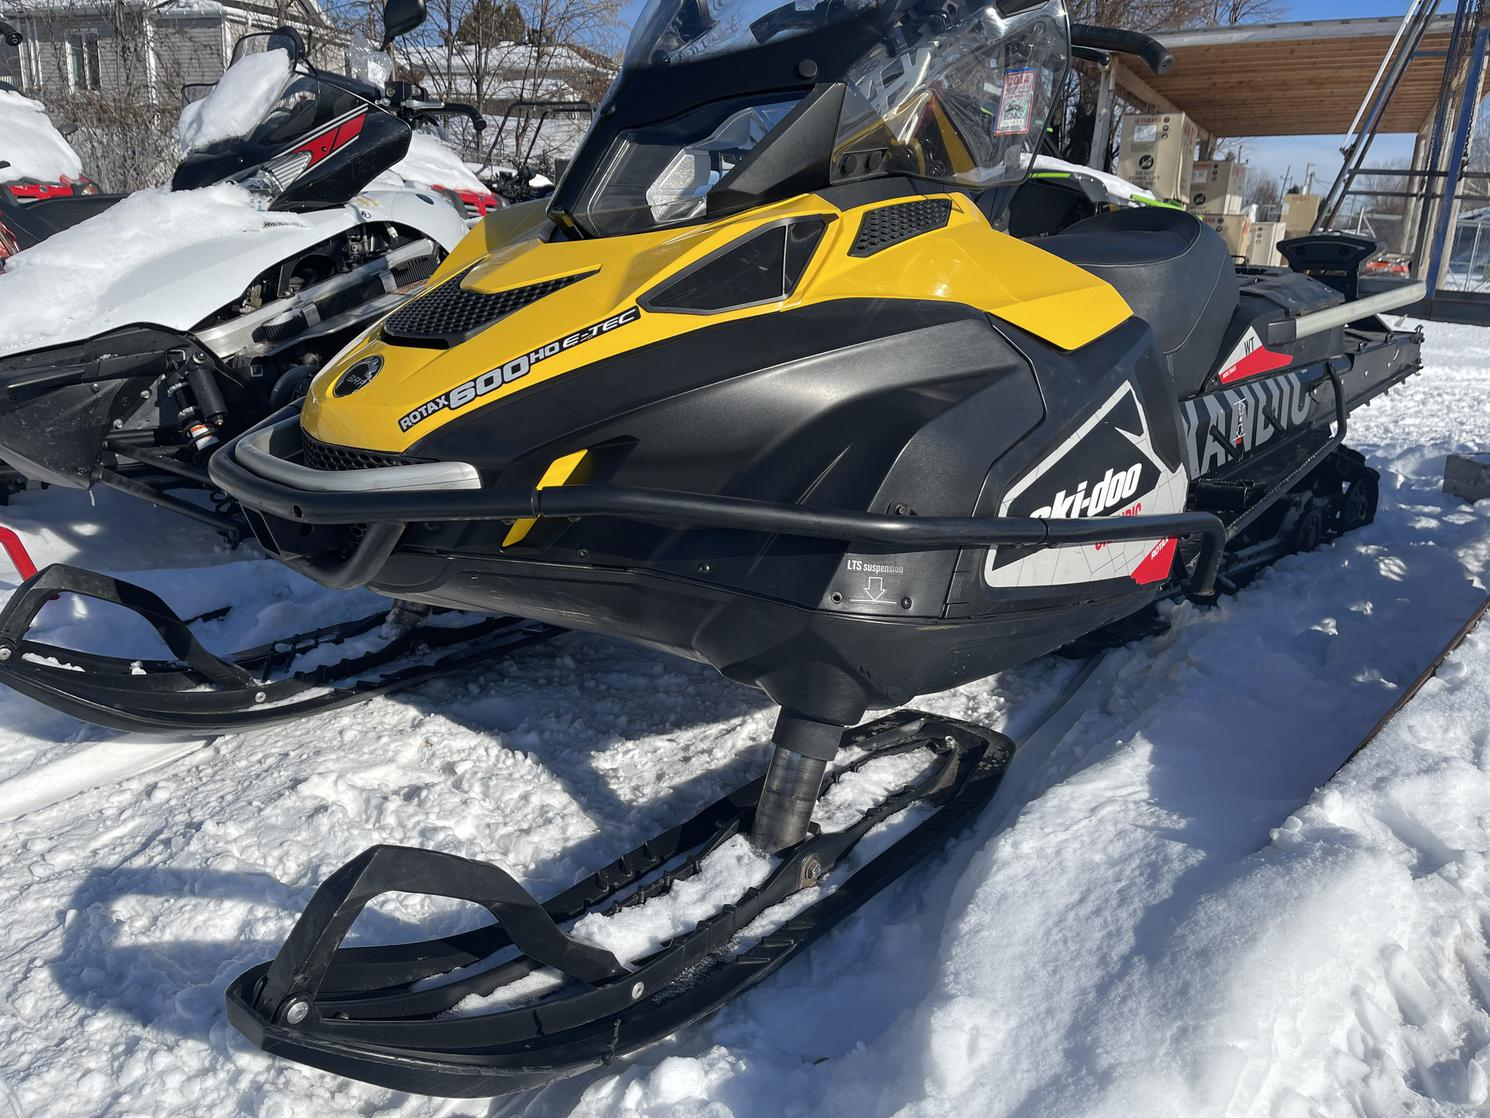 Ski-Doo BOMBARDIER Skandic WT  600 HO E Tec - 20 pouces E-Tec 600 2016